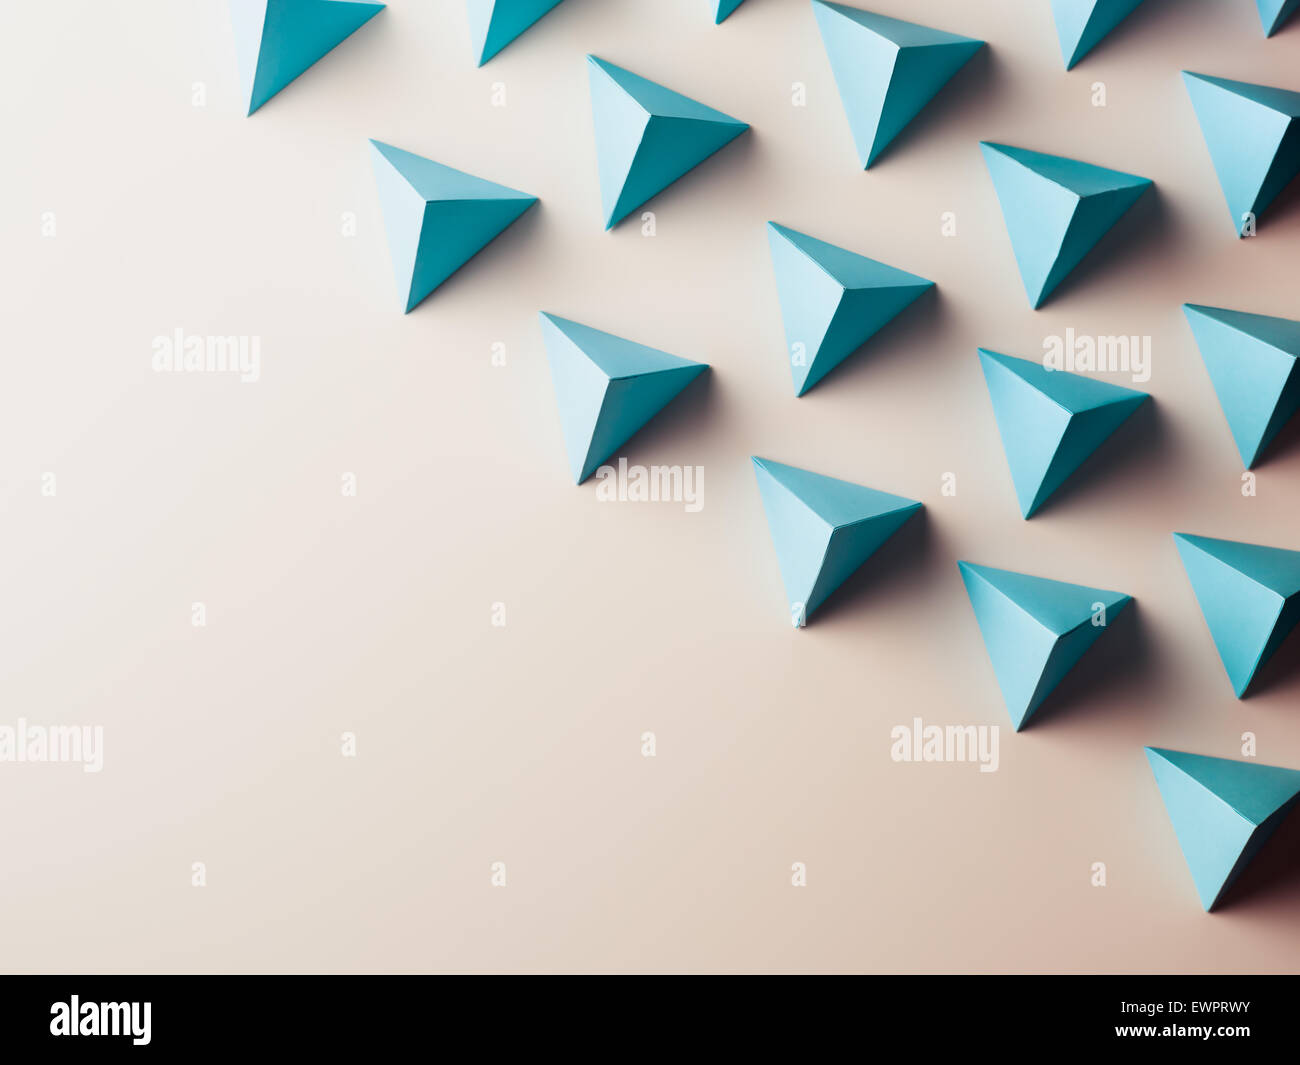 Astratto Sfondo Pallavolo Disegno Vettoriale: Geometric Immagini & Geometric Fotos Stock